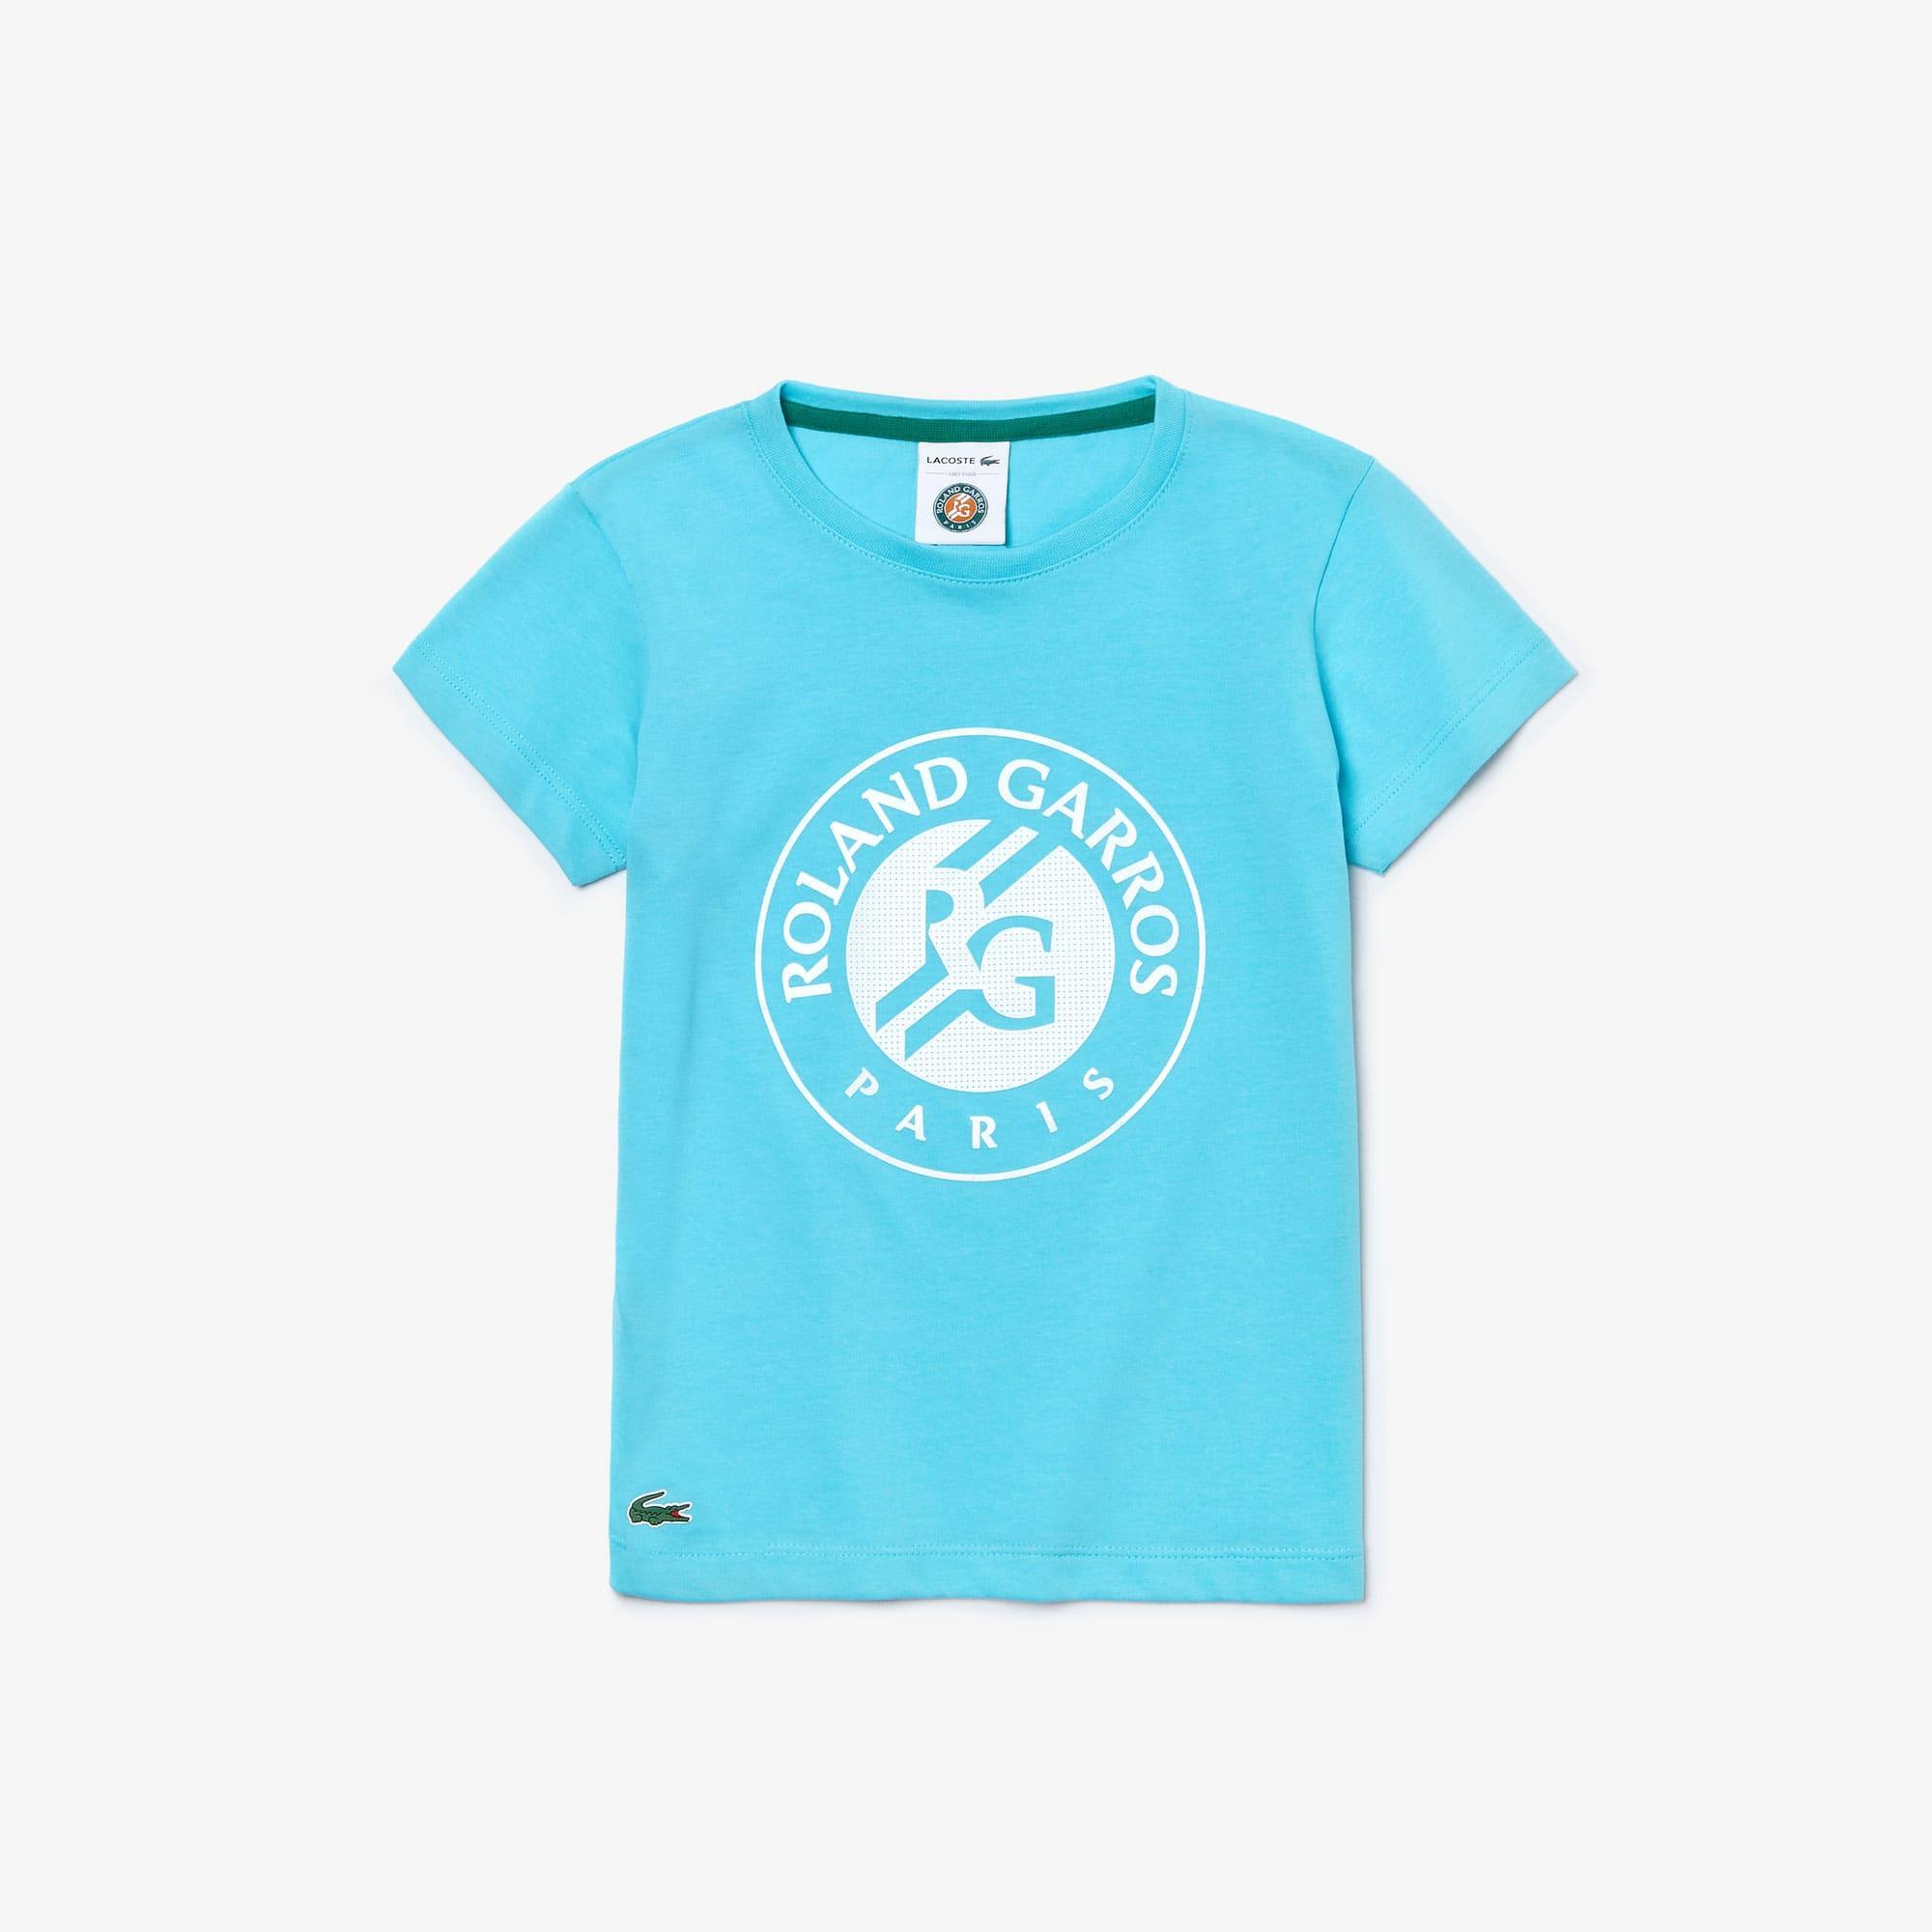 라코스테 Lacoste Girls SPORT Roland Garros Logo T-Shirt,Turquoise / White / Green • YP2